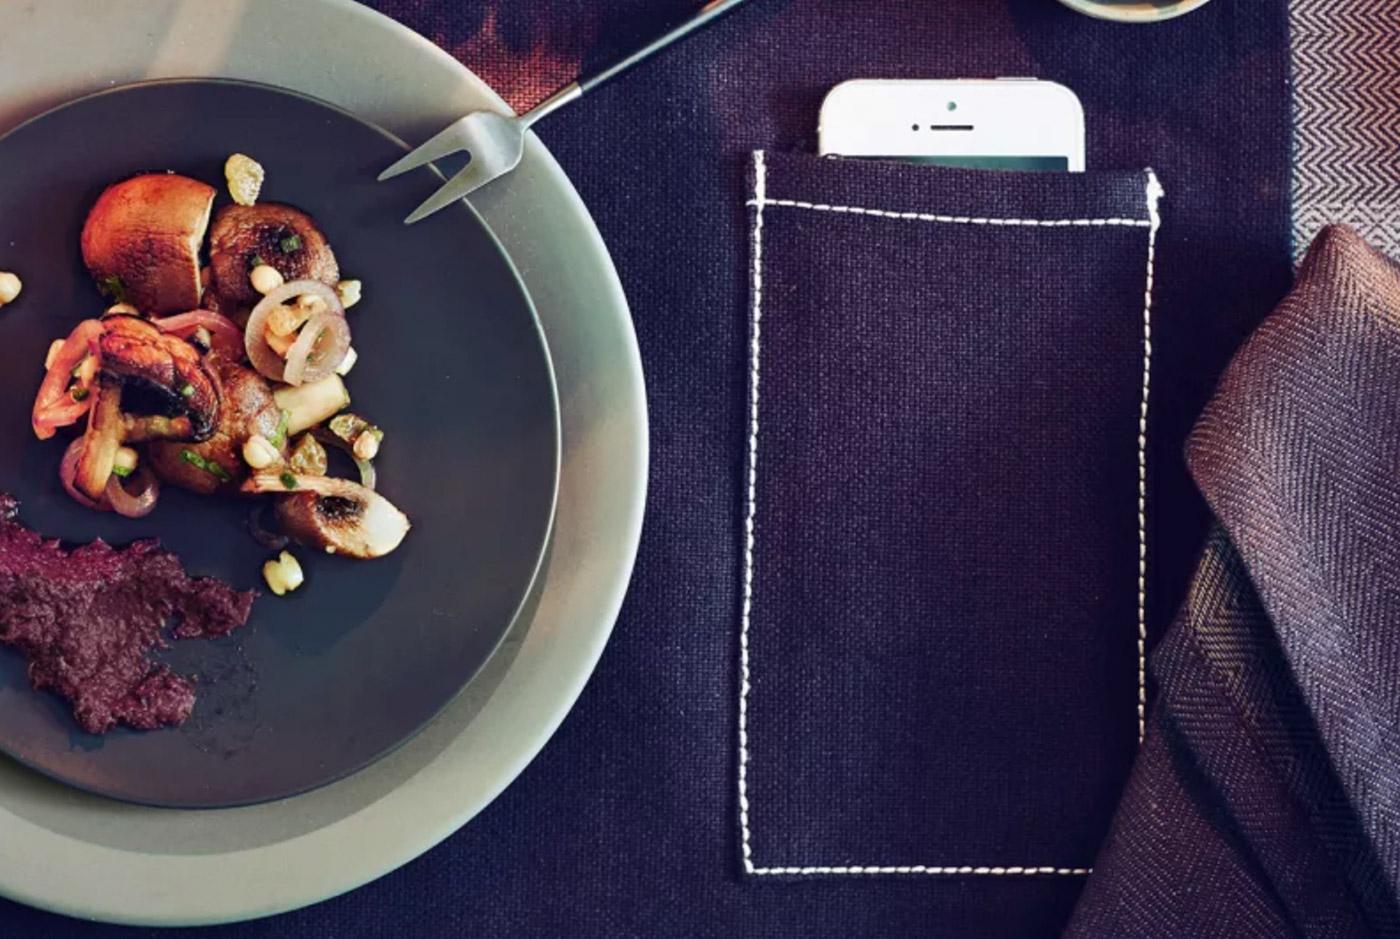 Ikea ha ideato una tovaglietta con tasca per coprire lo smartphone a tavola